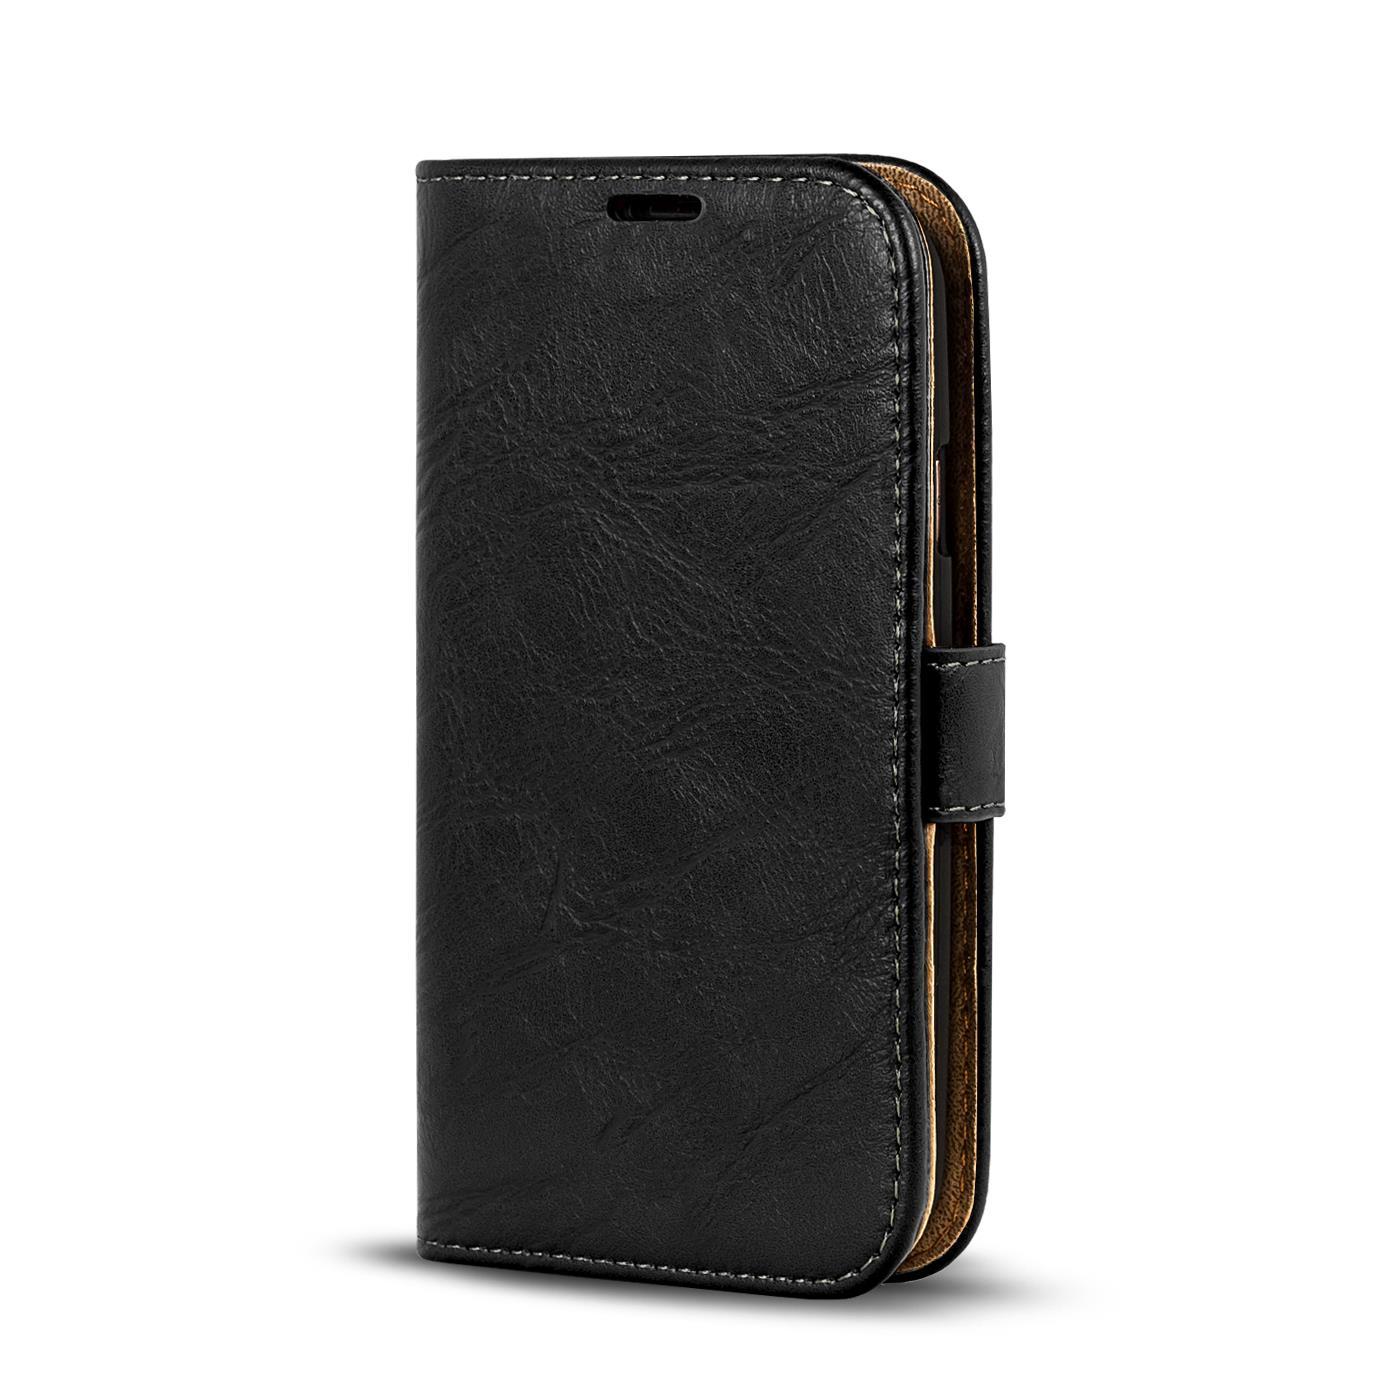 Klapphuelle-Samsung-Galaxy-S3-Mini-Huelle-Schutzhuelle-Wallet-Cover-Flip-Case Indexbild 24